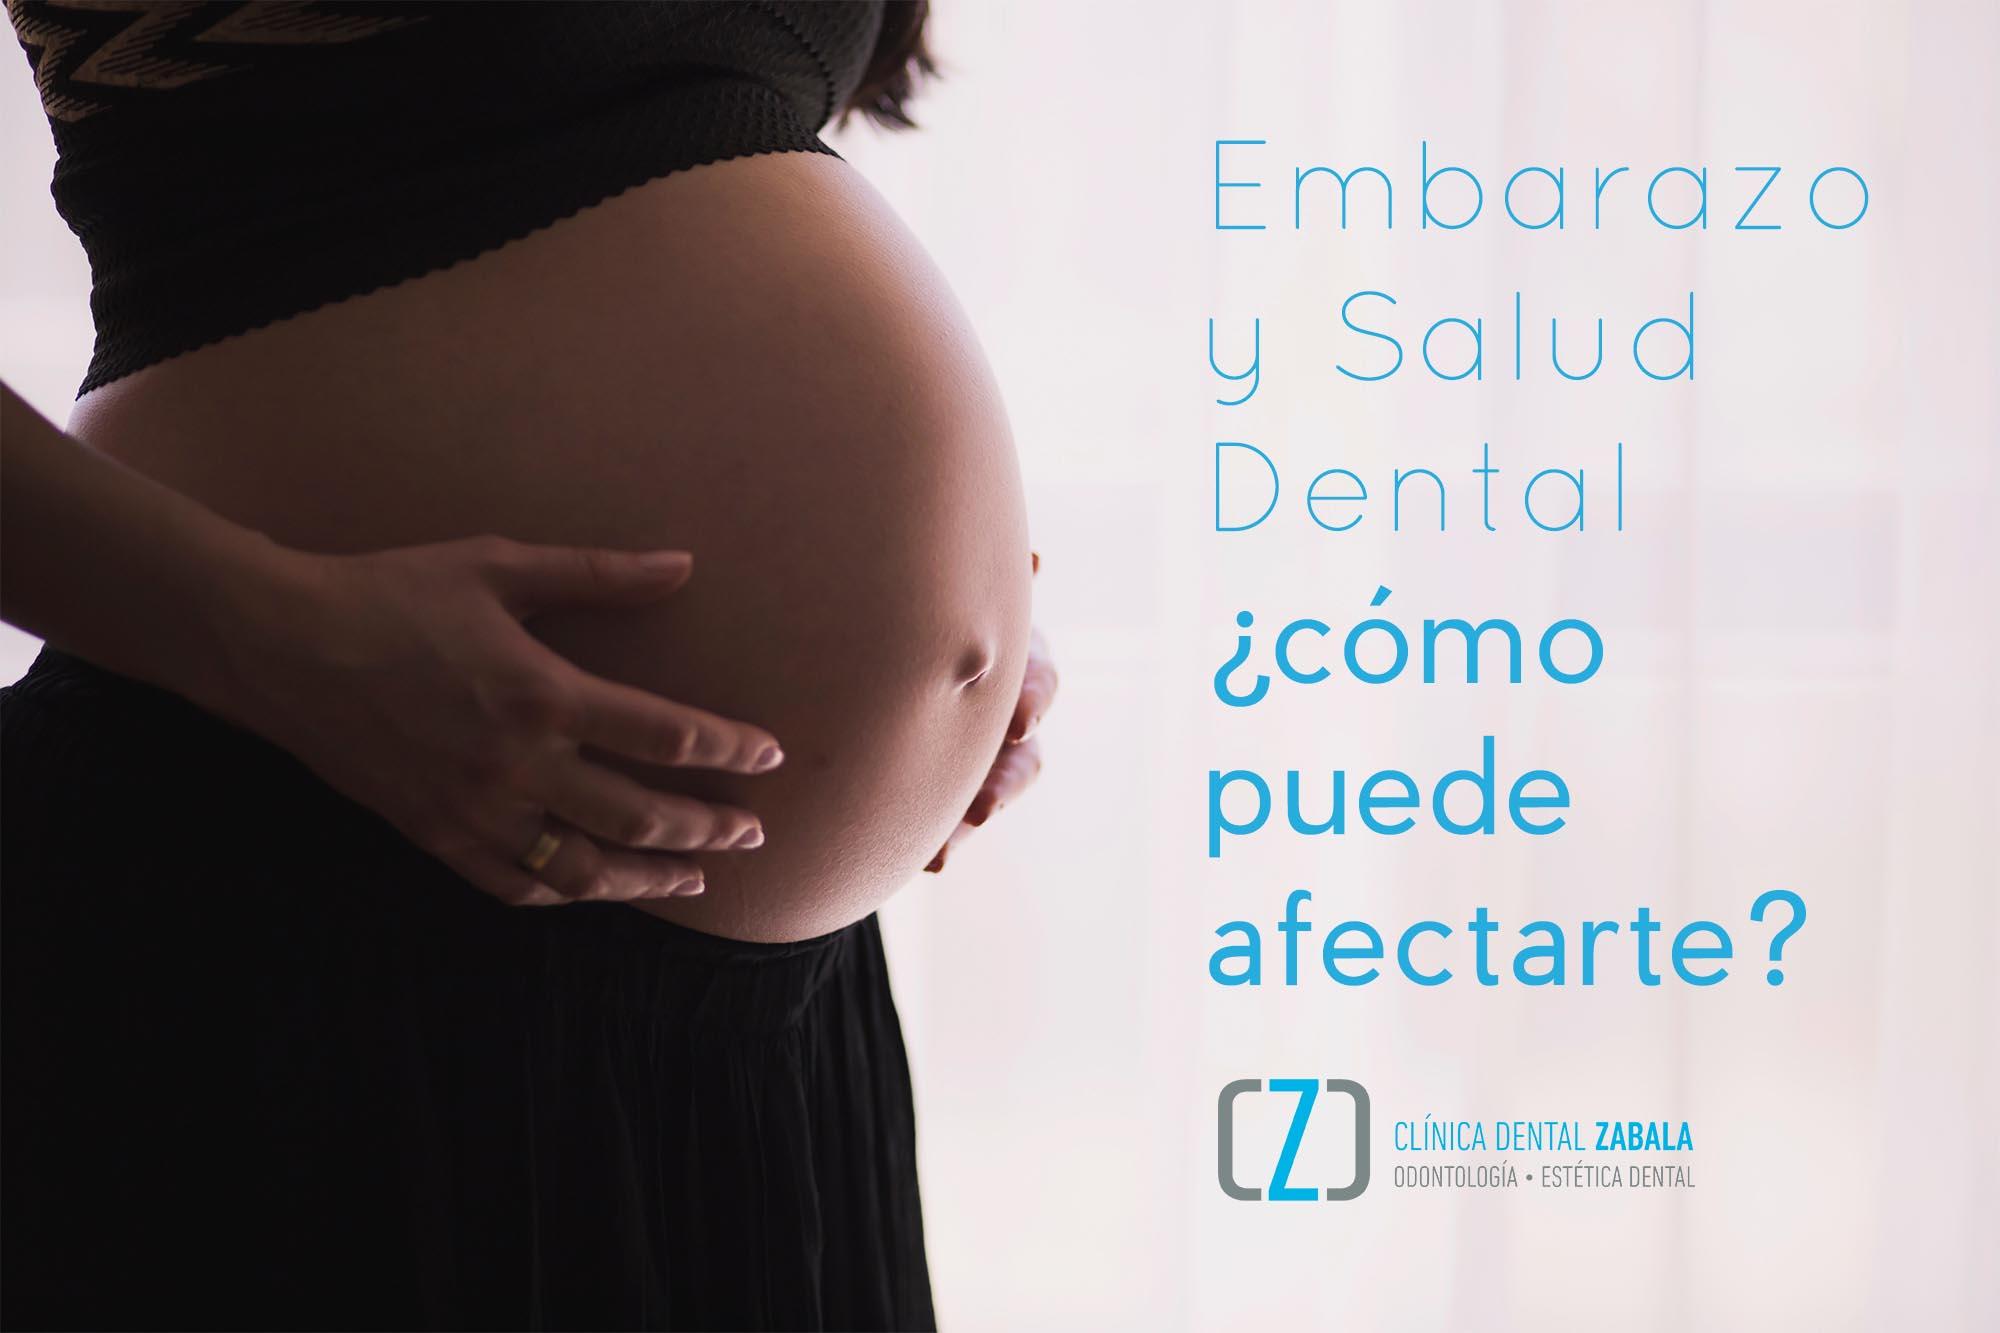 Embarazo y salud dental